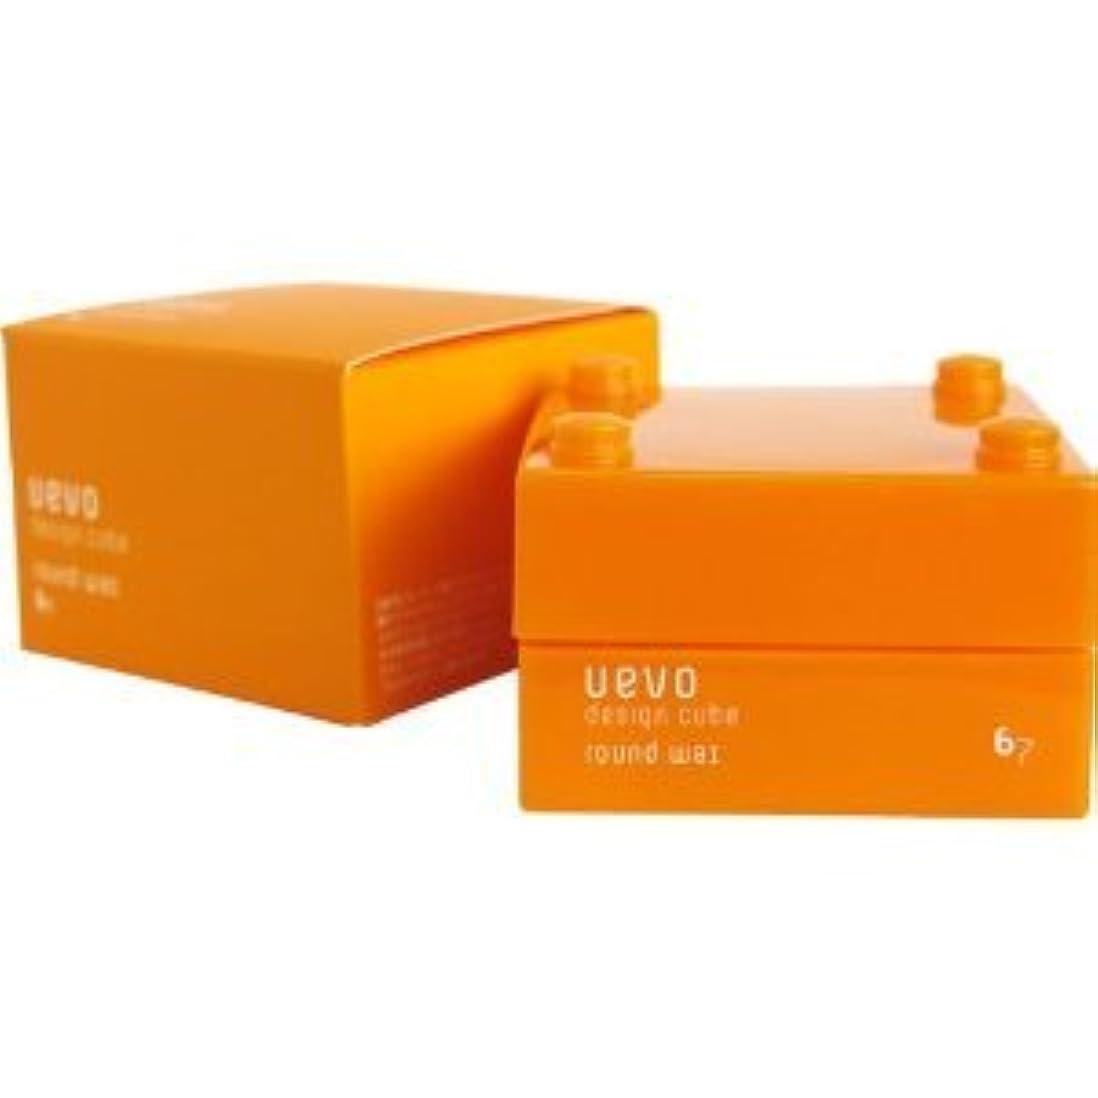 あいにく痛い出撃者【X3個セット】 デミ ウェーボ デザインキューブ ラウンドワックス 30g round wax DEMI uevo design cube